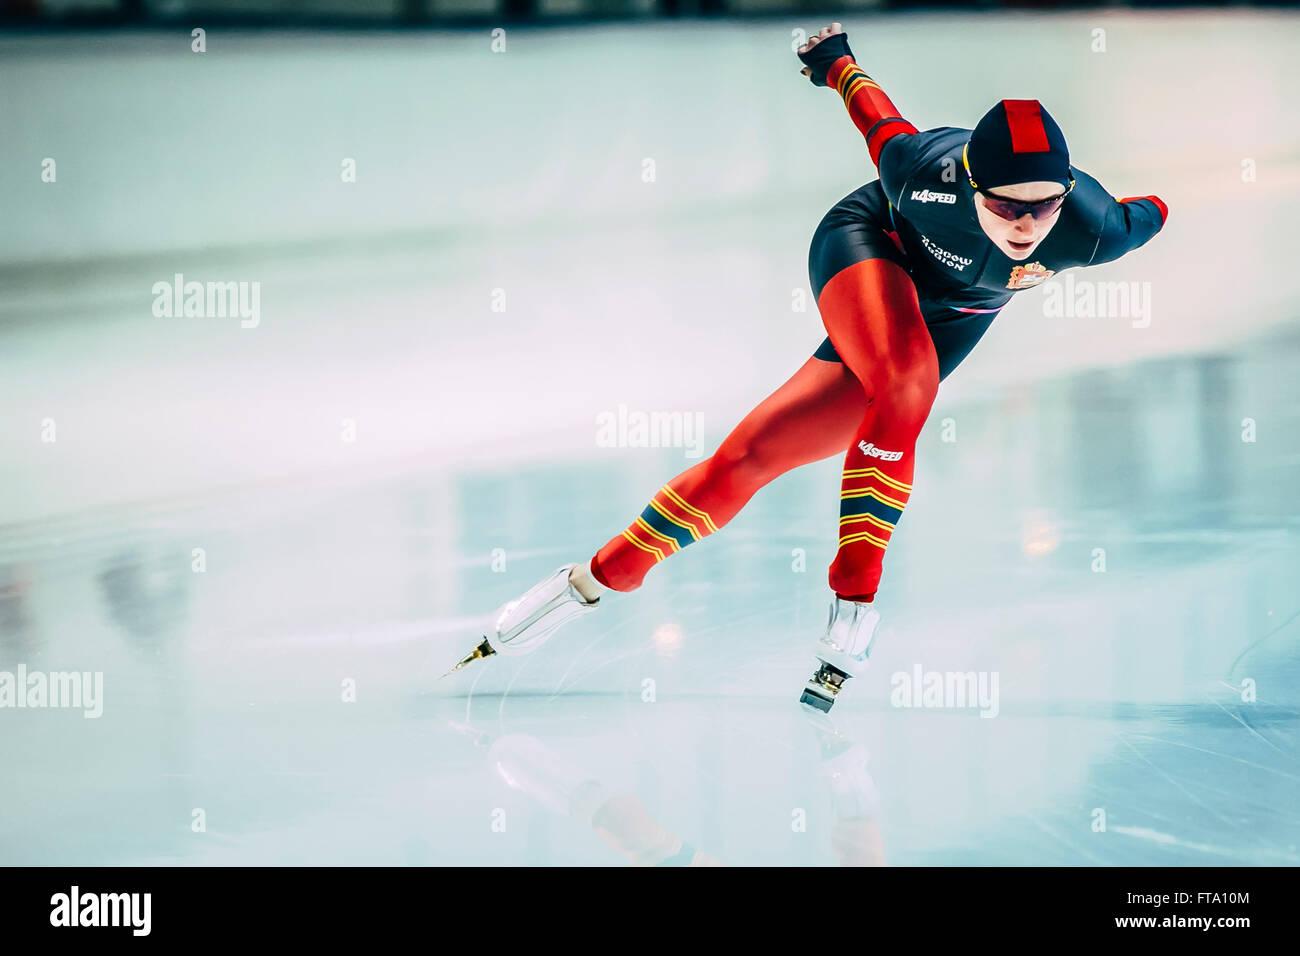 Chelyabinsk, Russia - 15 Ottobre 2015: atleta femminile pattinatori di velocità via viene eseguito durante Immagini Stock